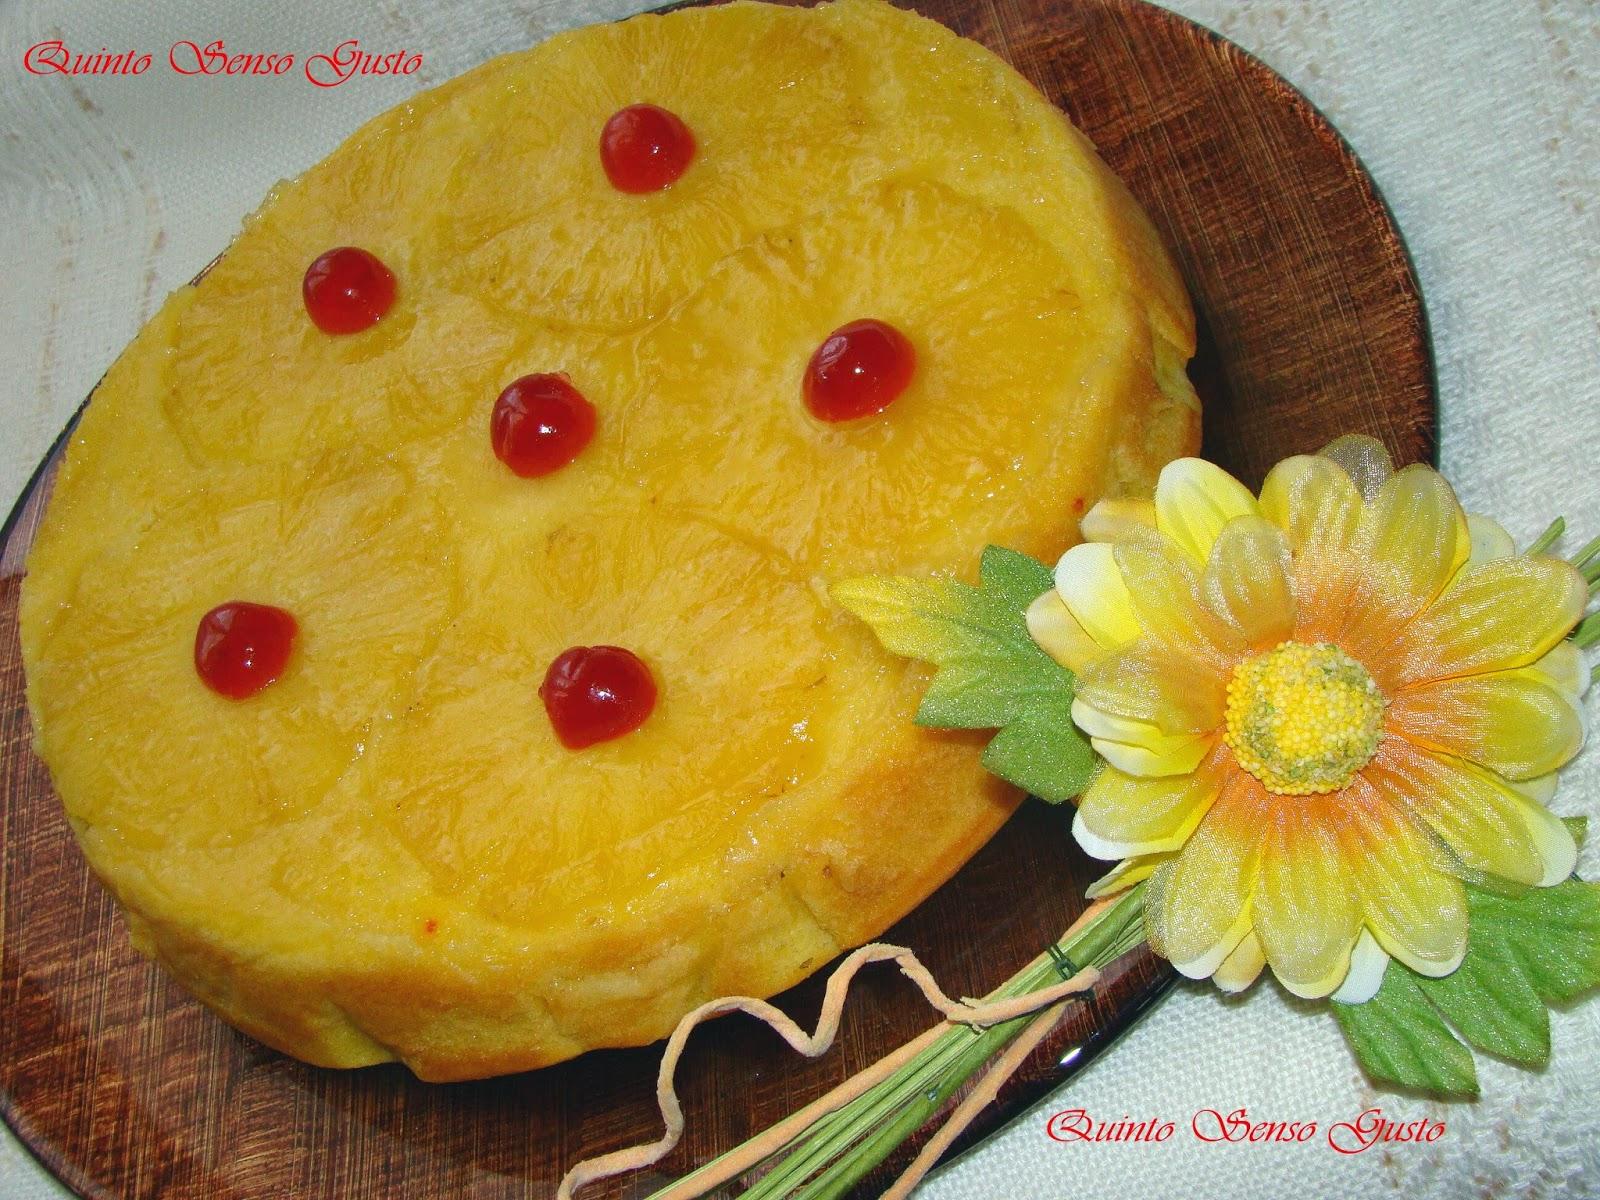 torta all'ananas aromatizzata allo zafferano